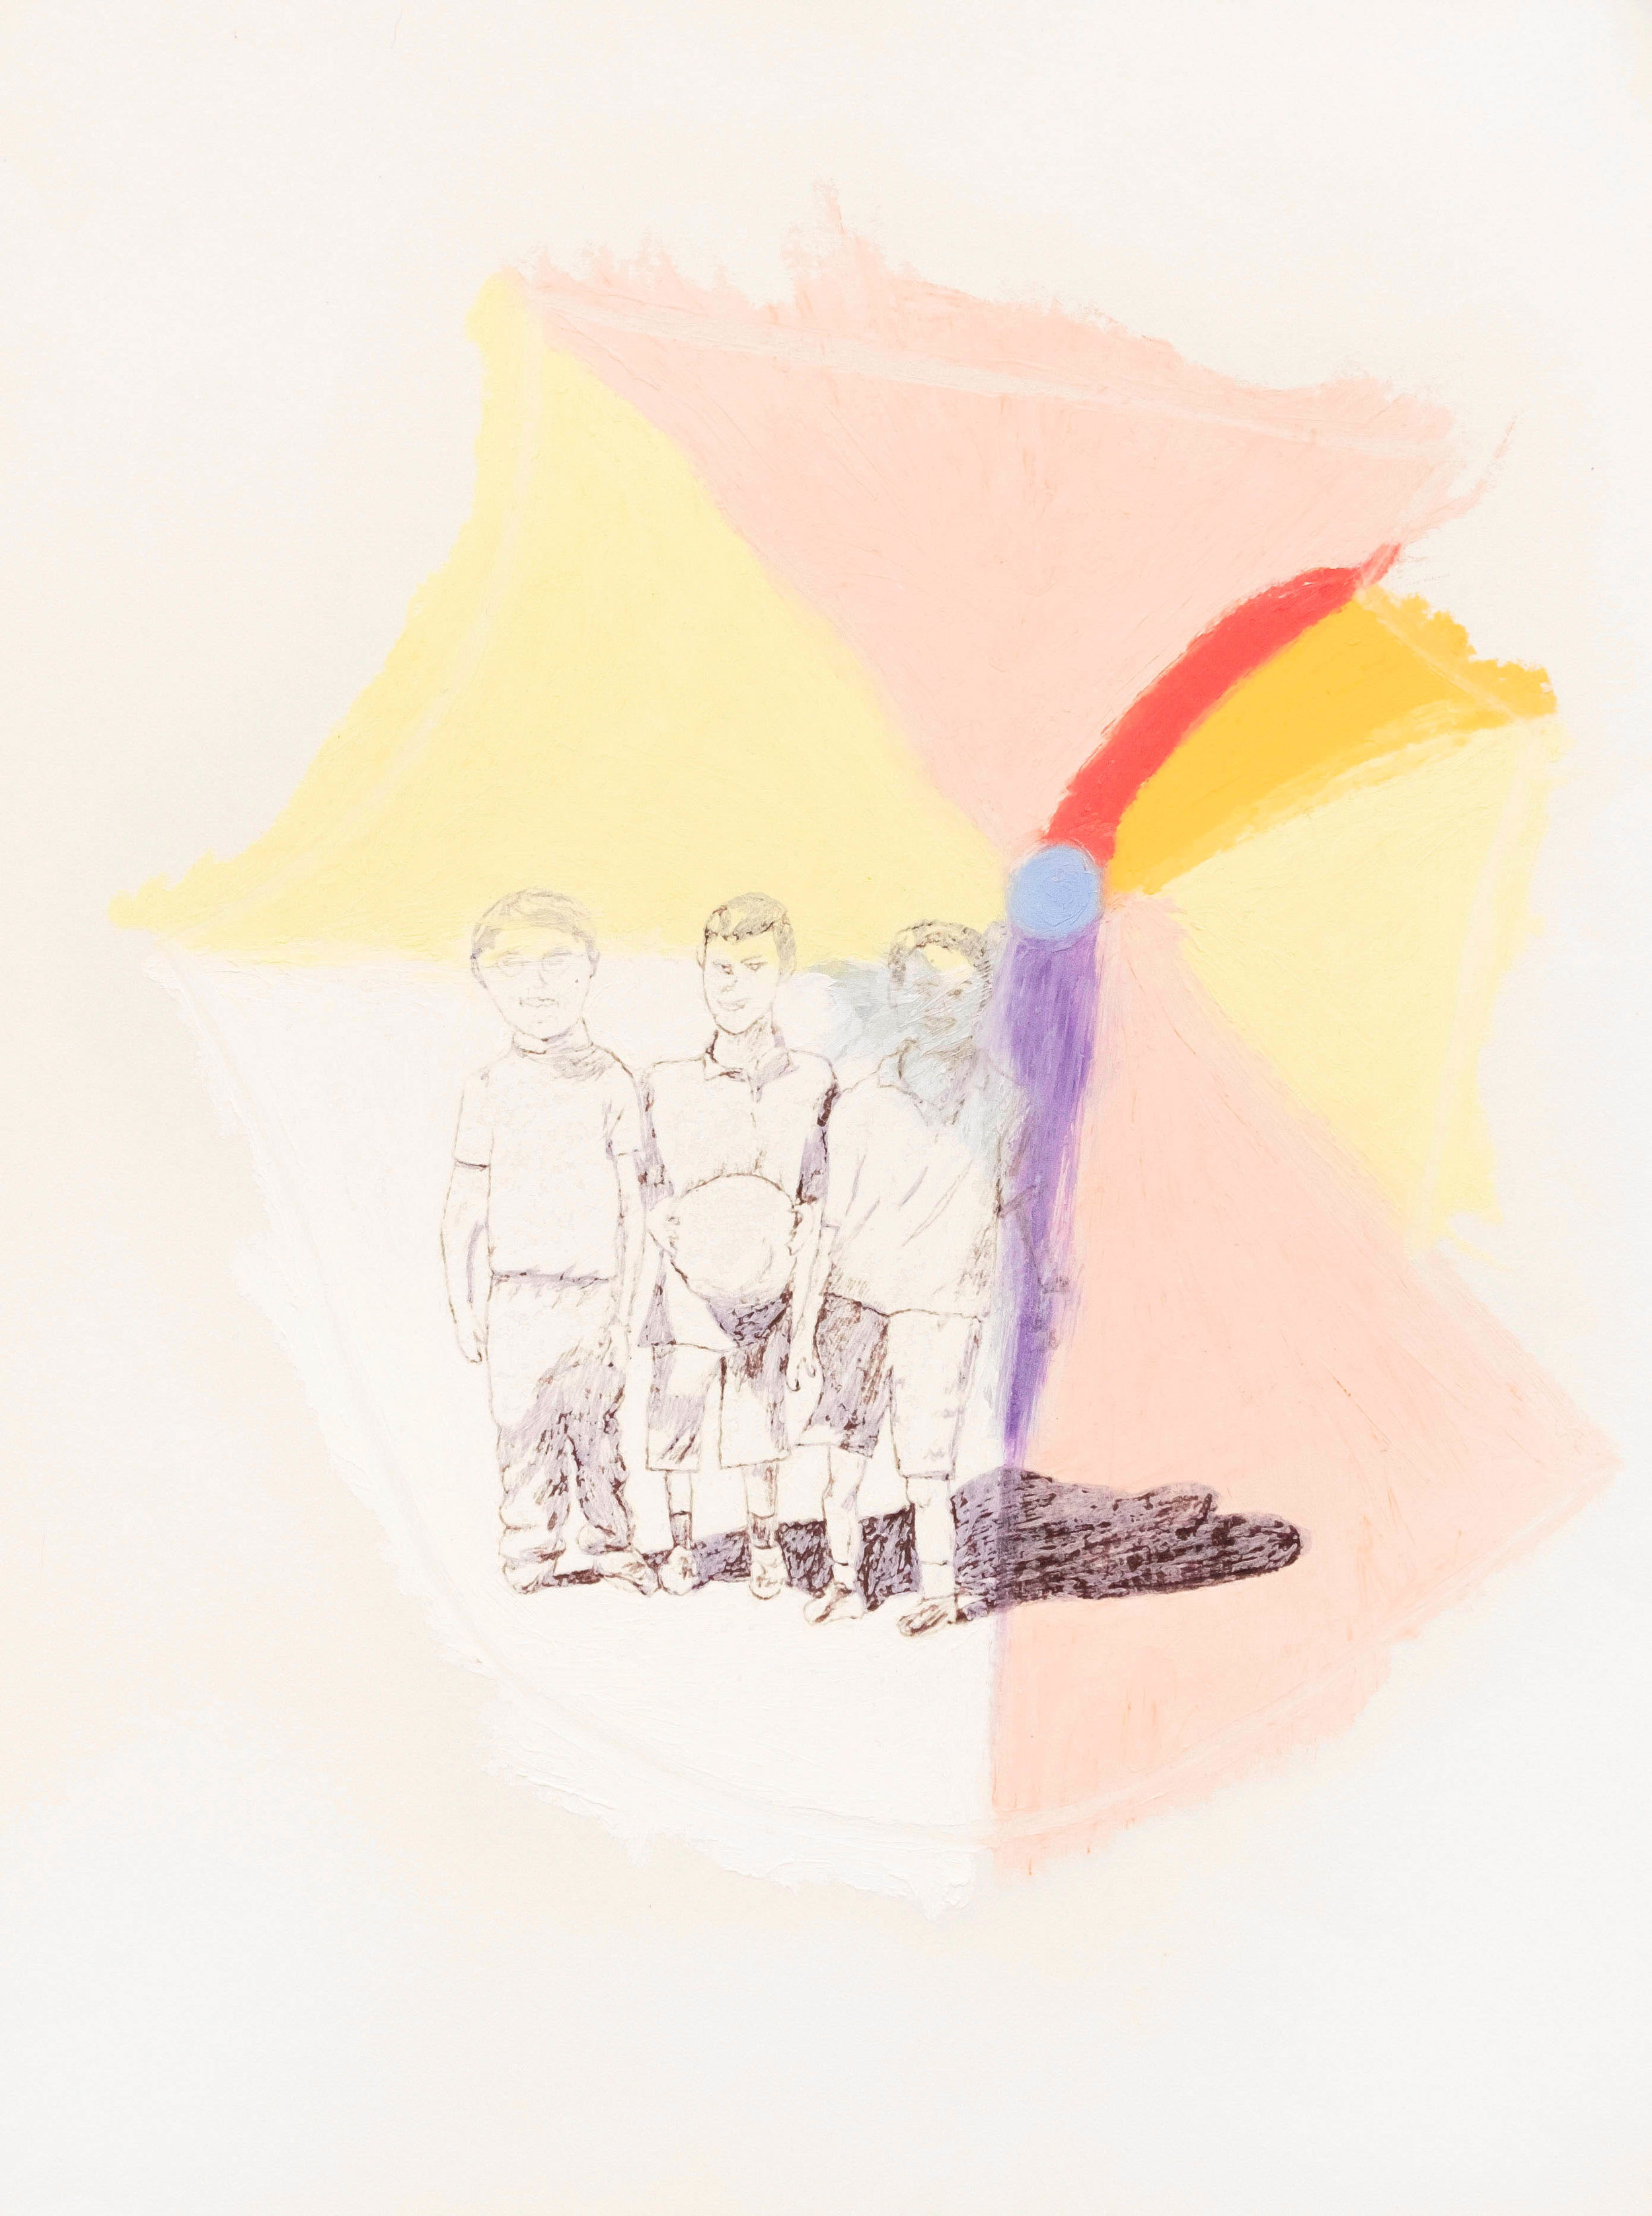 Josh, Trevor, and Daniel